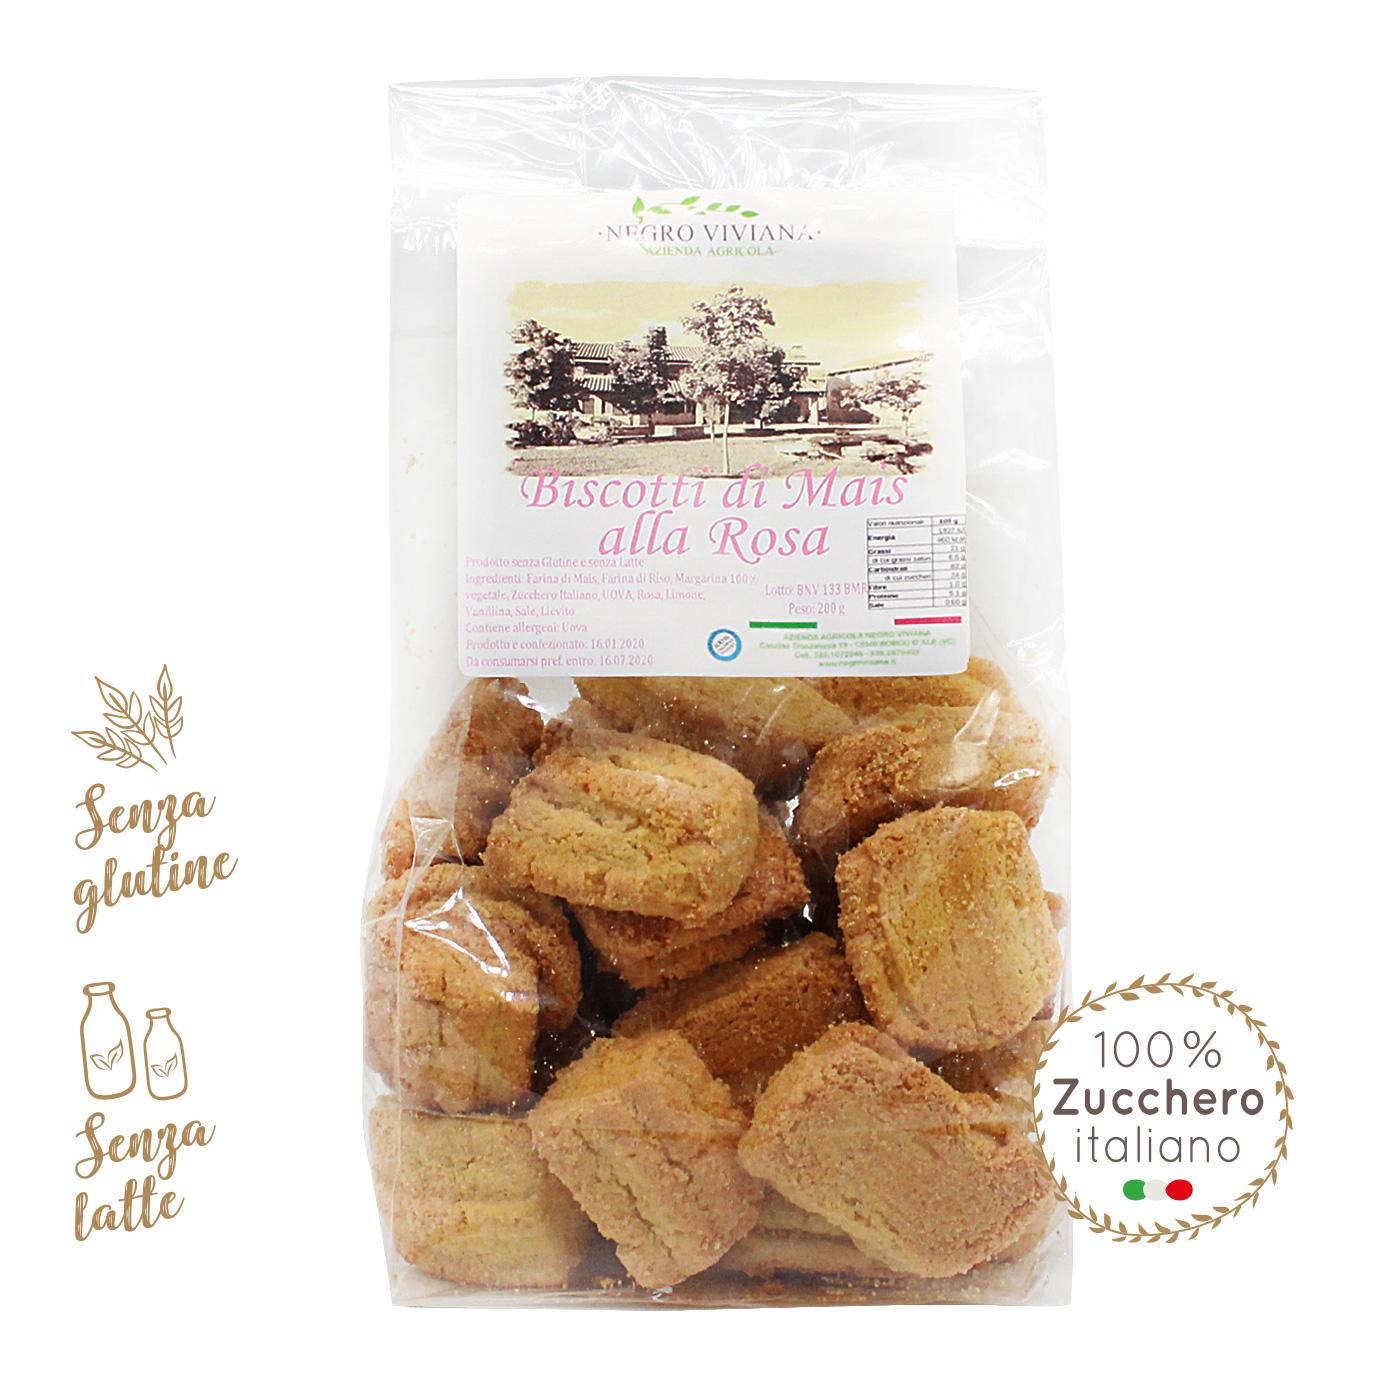 Biscotti di mais alla rosa   Azienda Agricola Negro Viviana